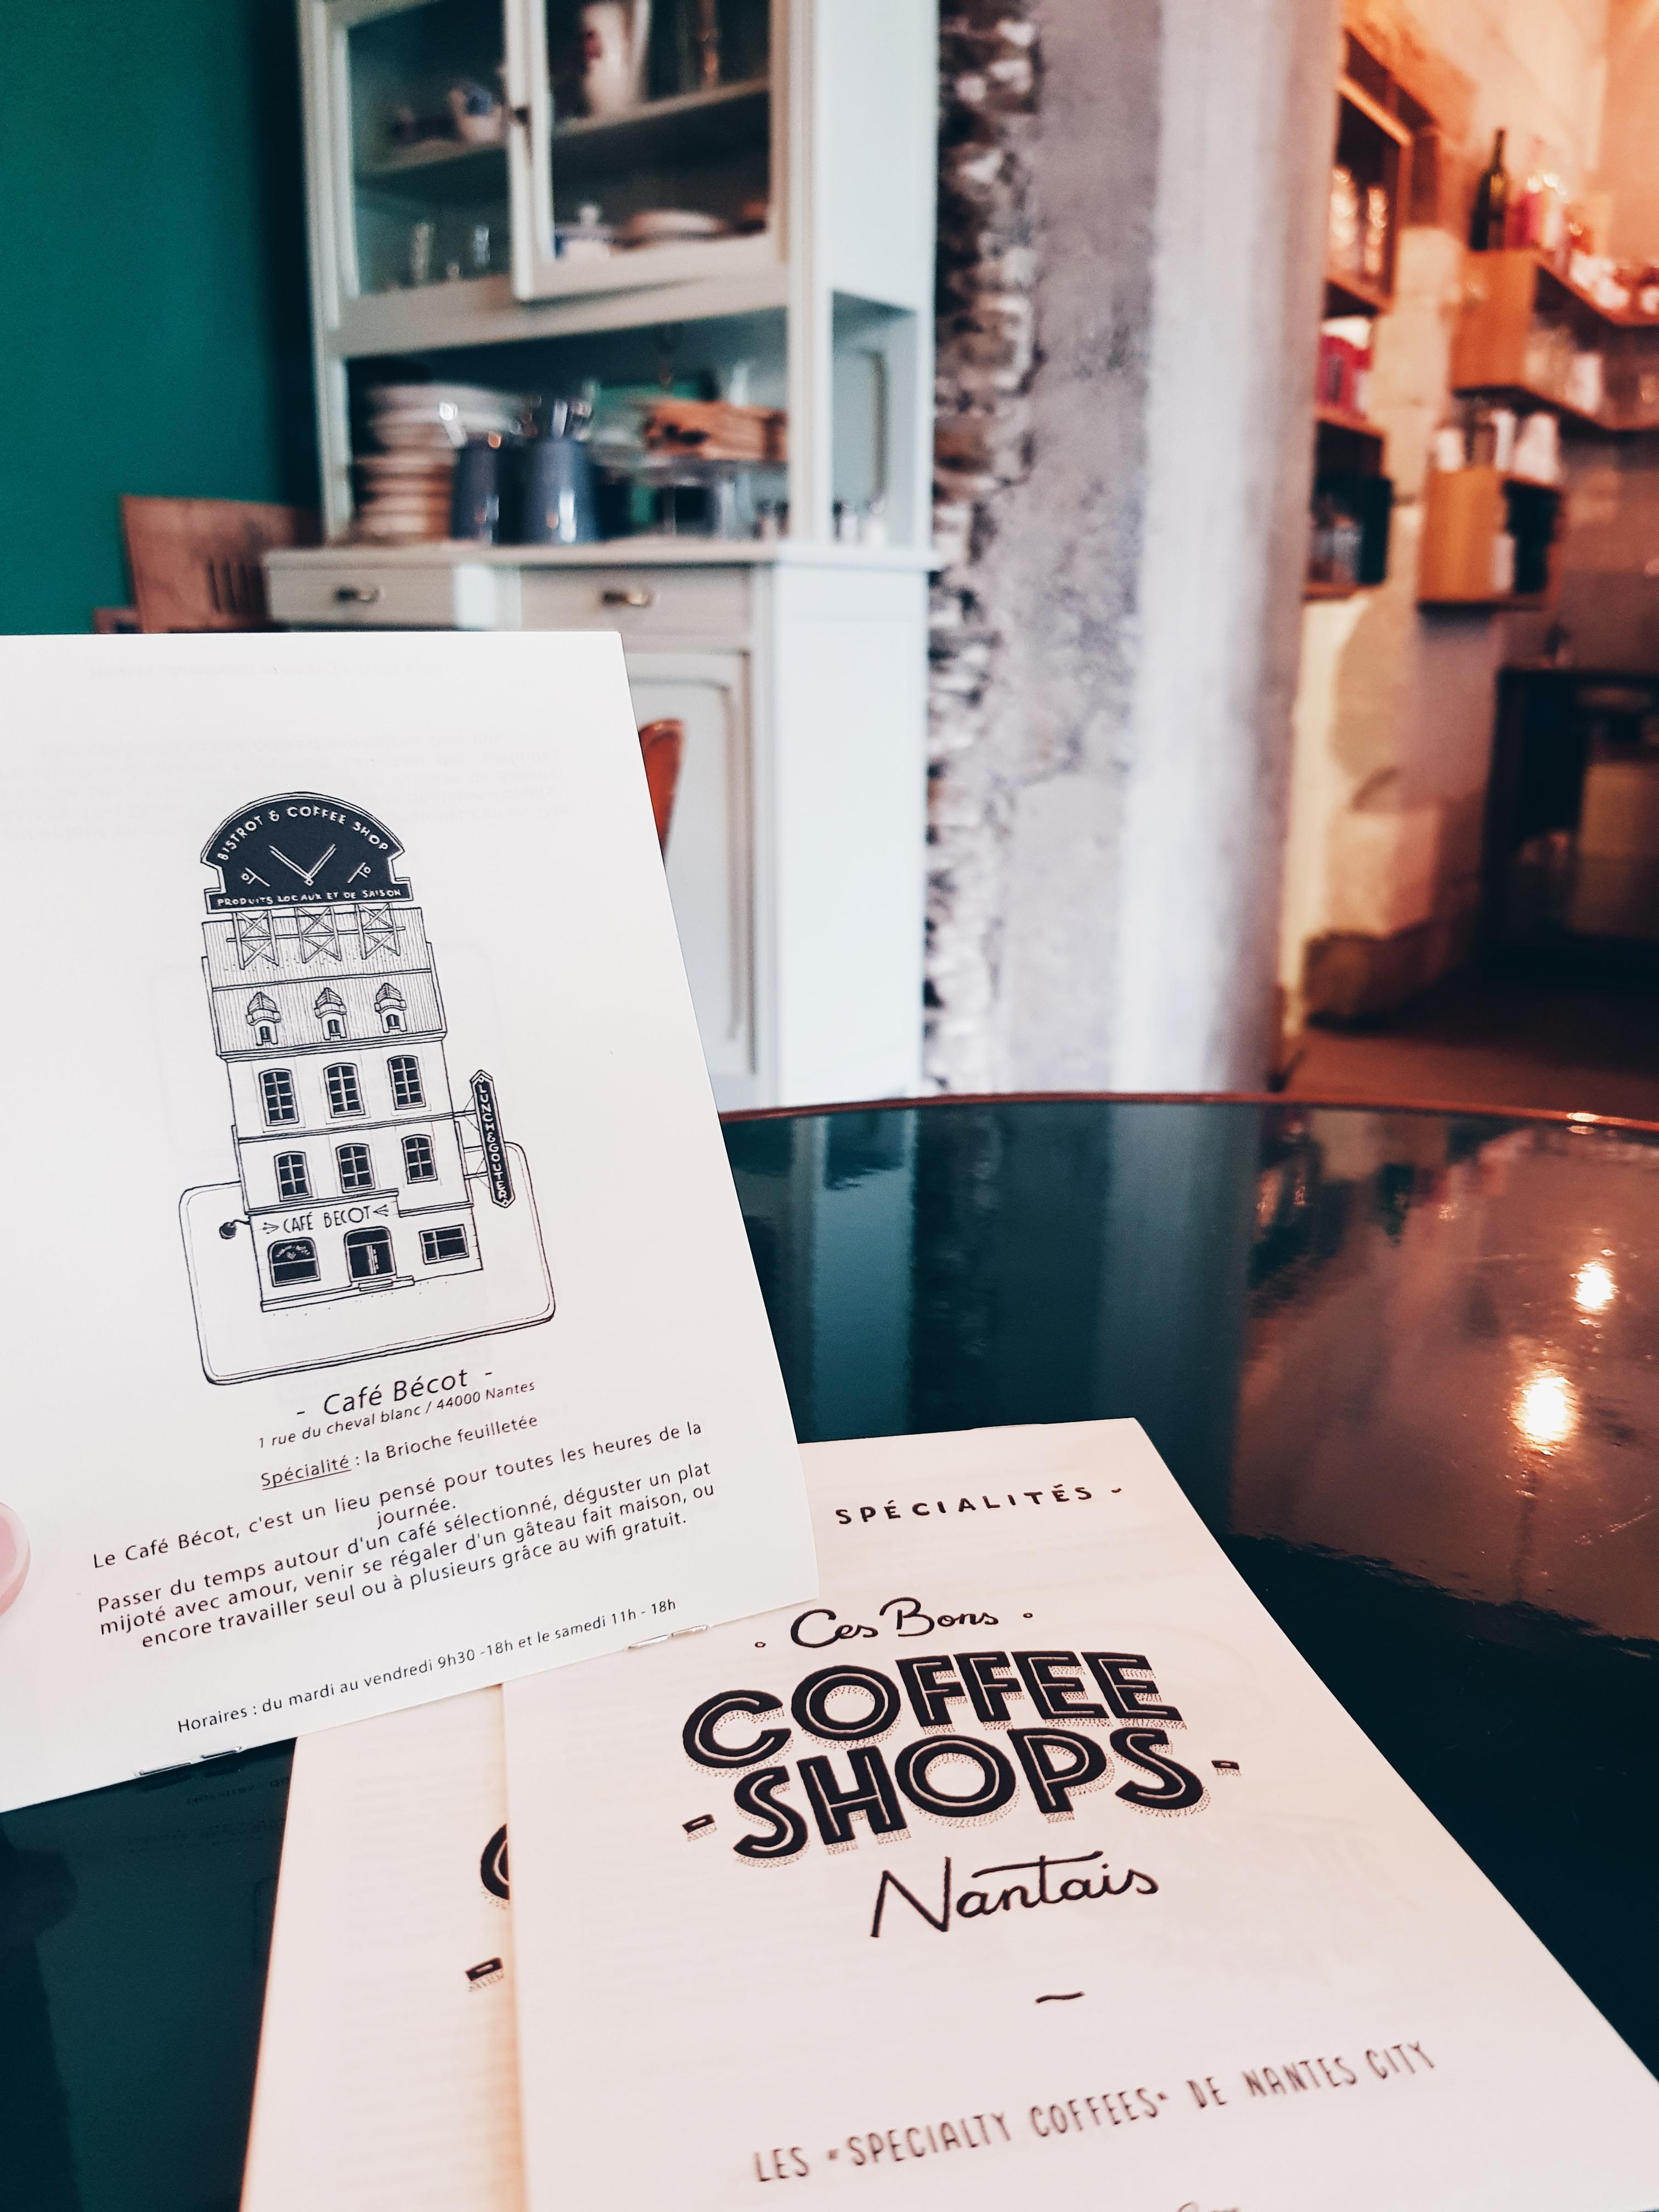 CAFE BECOT ILLUSTRATEUR Docteur Paper COFFEE ILLUSTRATION VILLE NANTES Nantes City